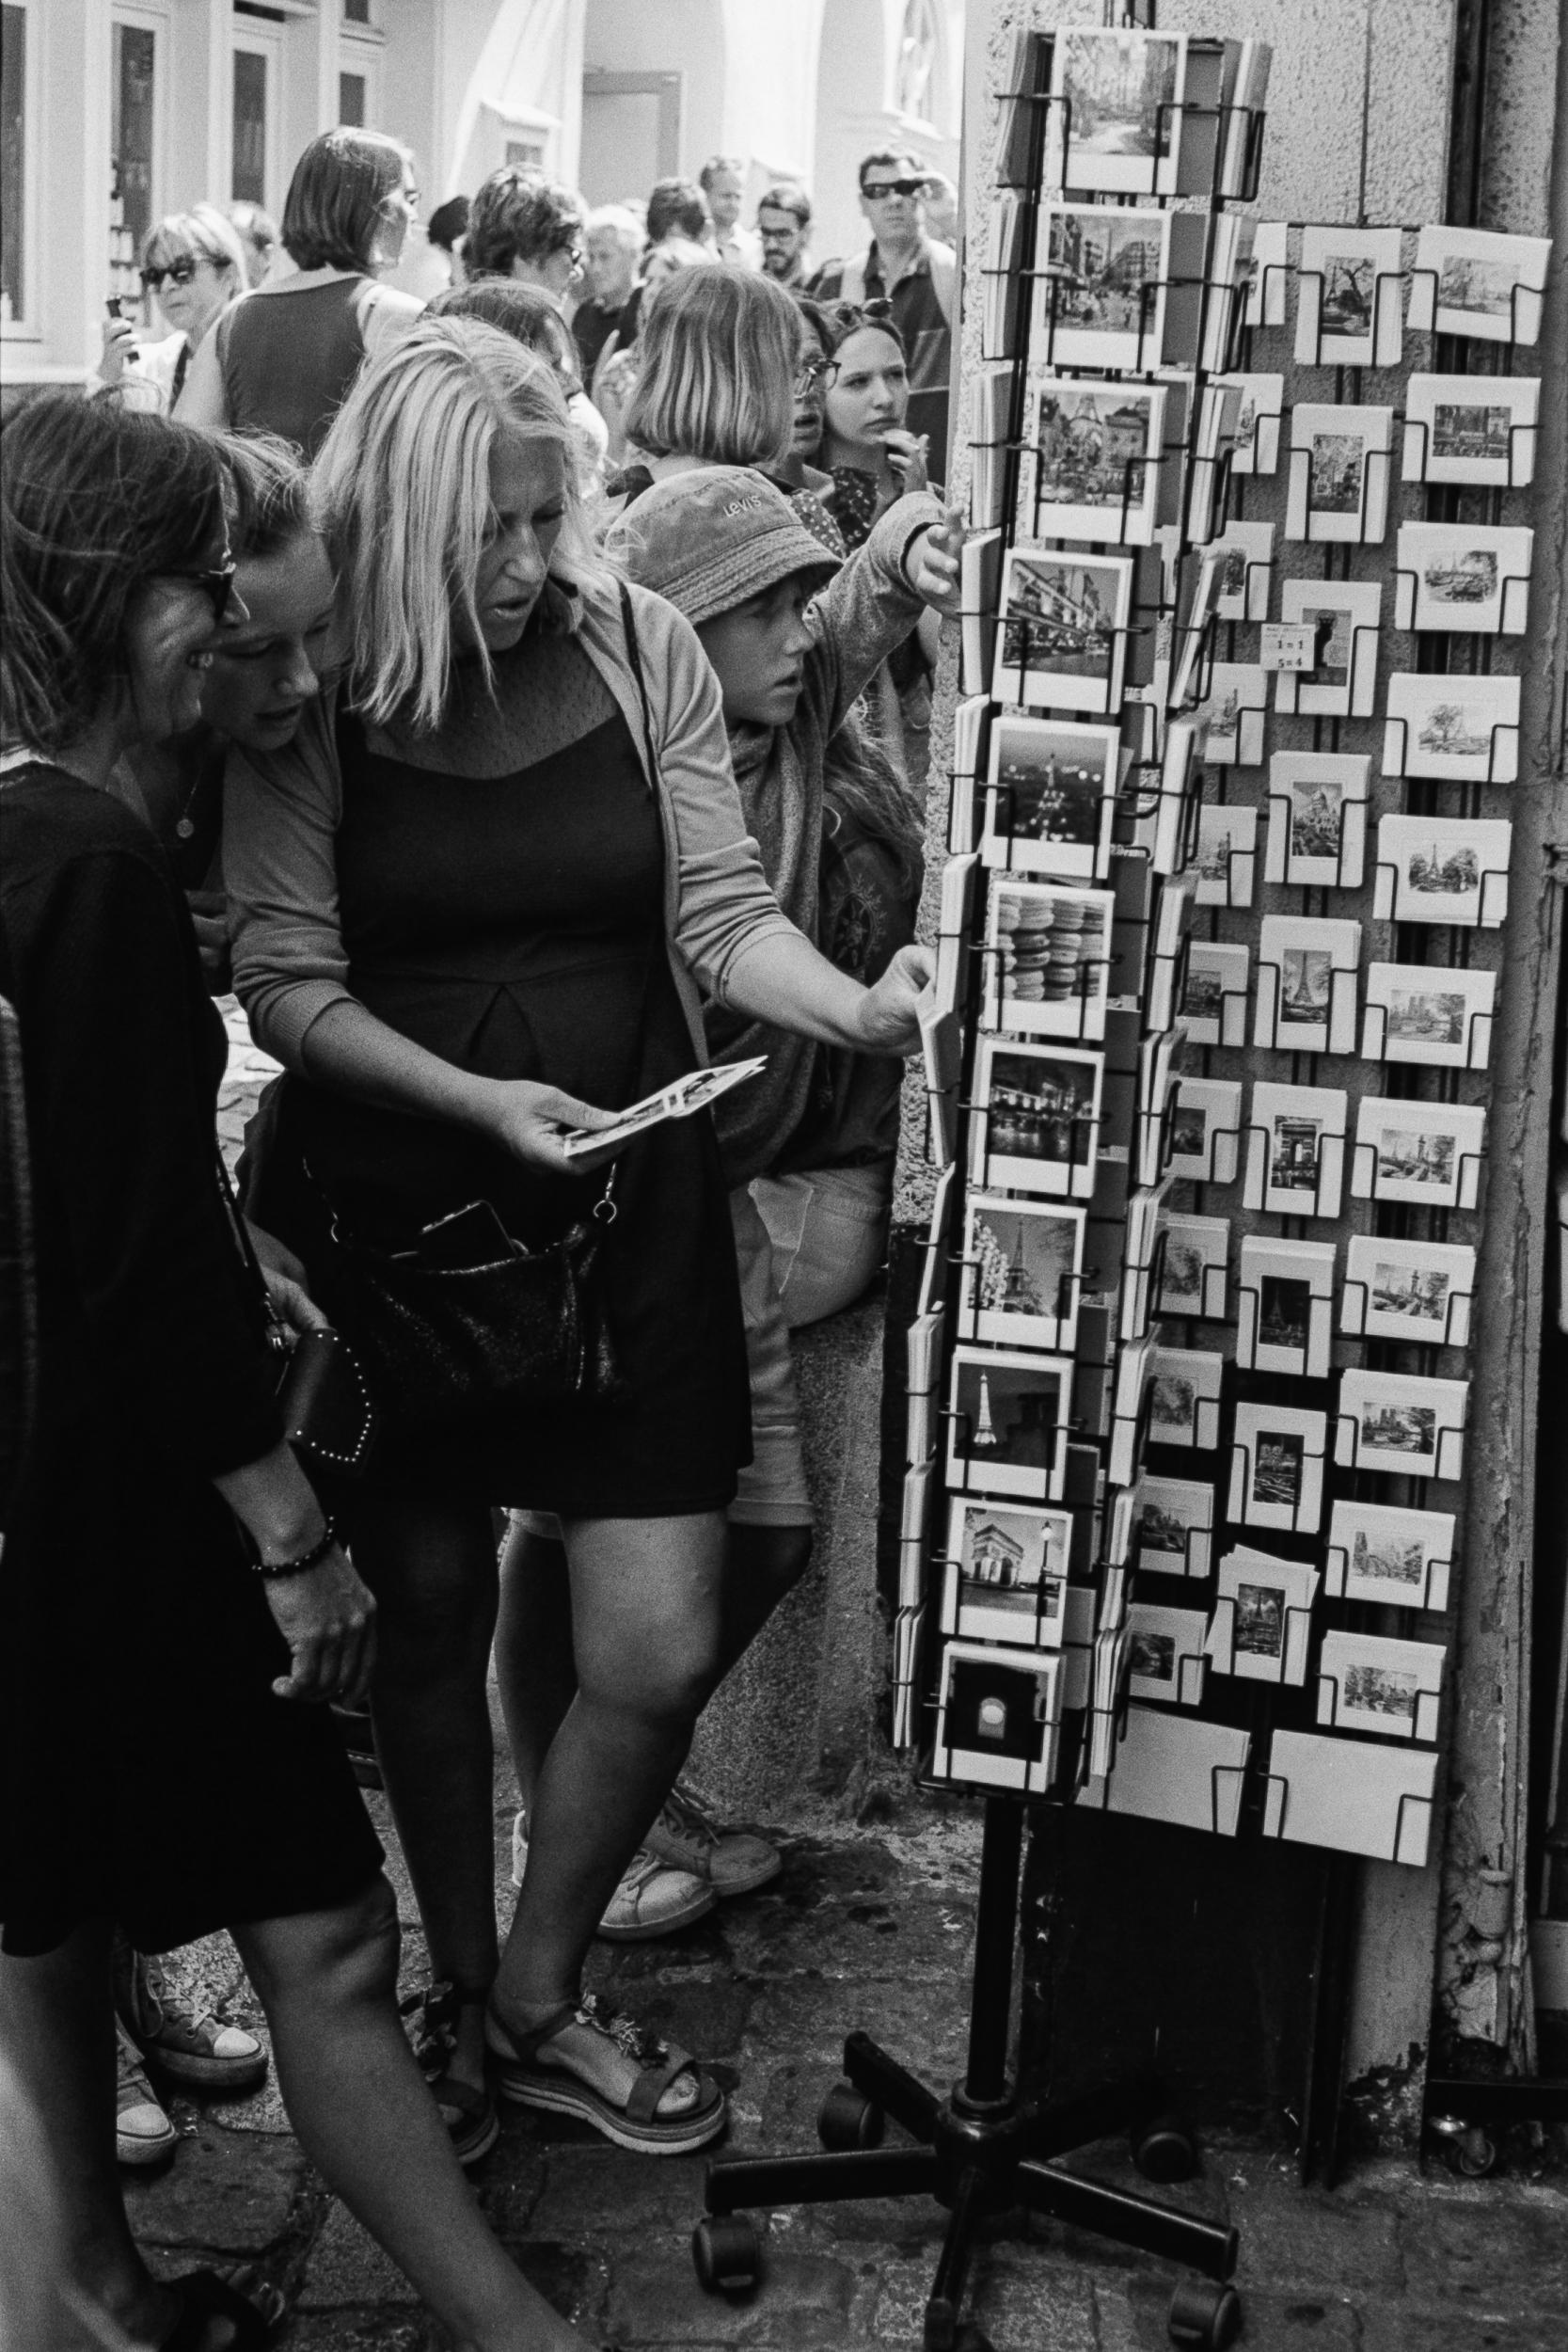 Shopping for postcards, Montmartre, Paris, 2019.